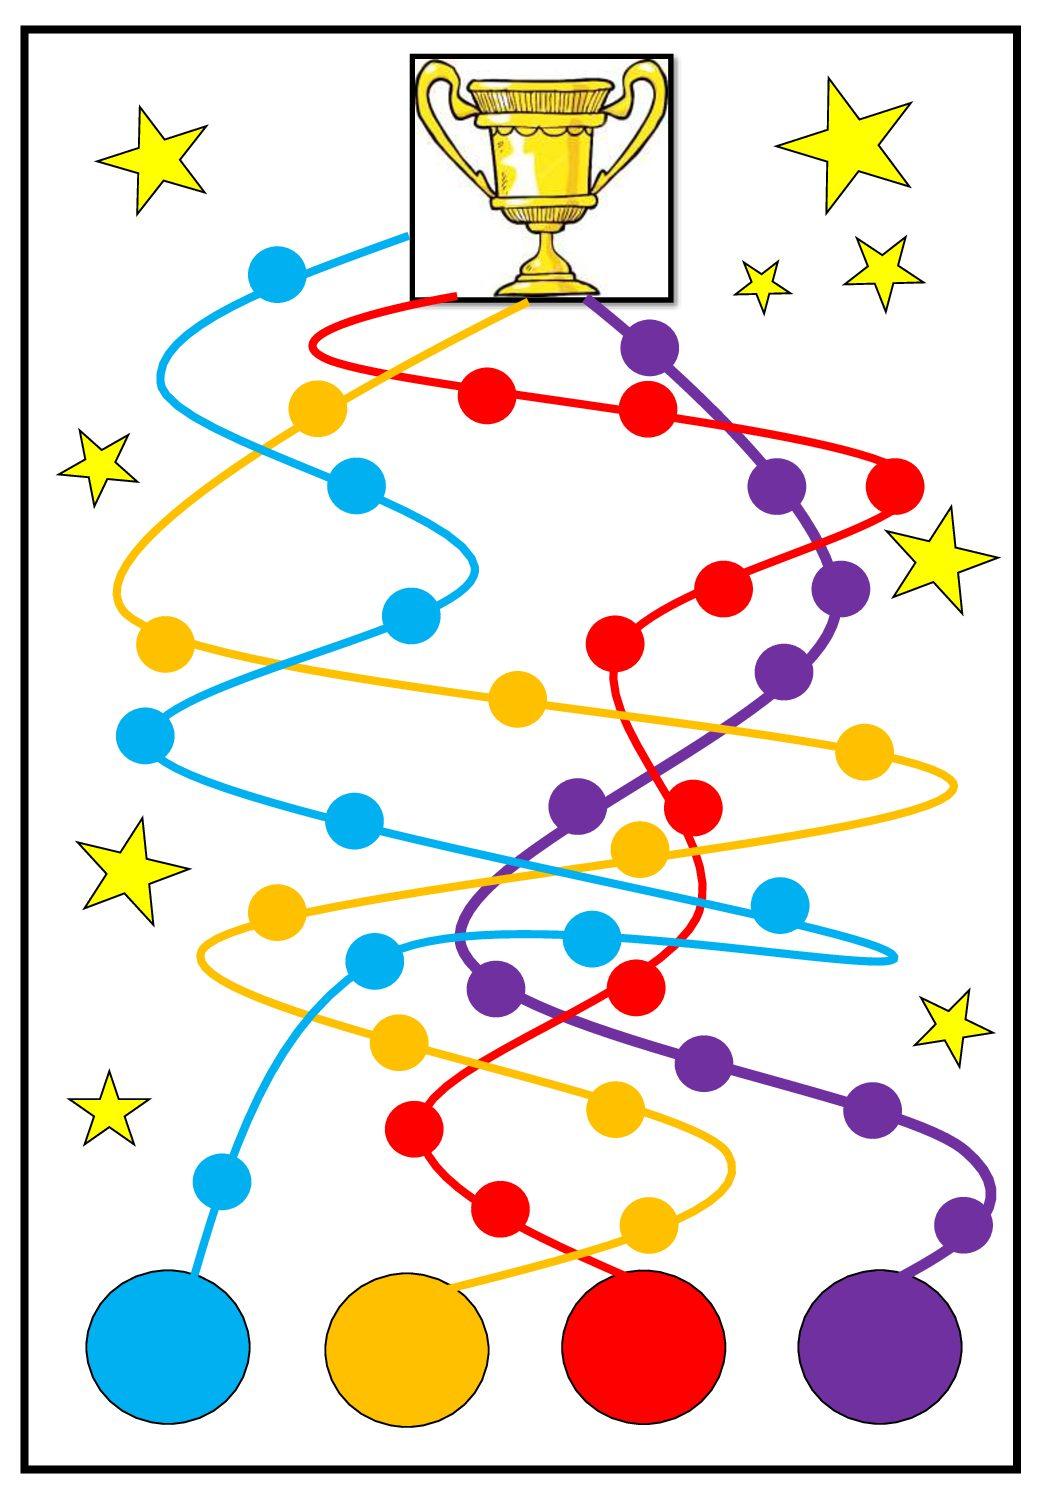 Jeux De Calcul Mental Cm1 : calcul, mental, Let's, Calcul, Mental, Mathématiques, Salle, Maitres